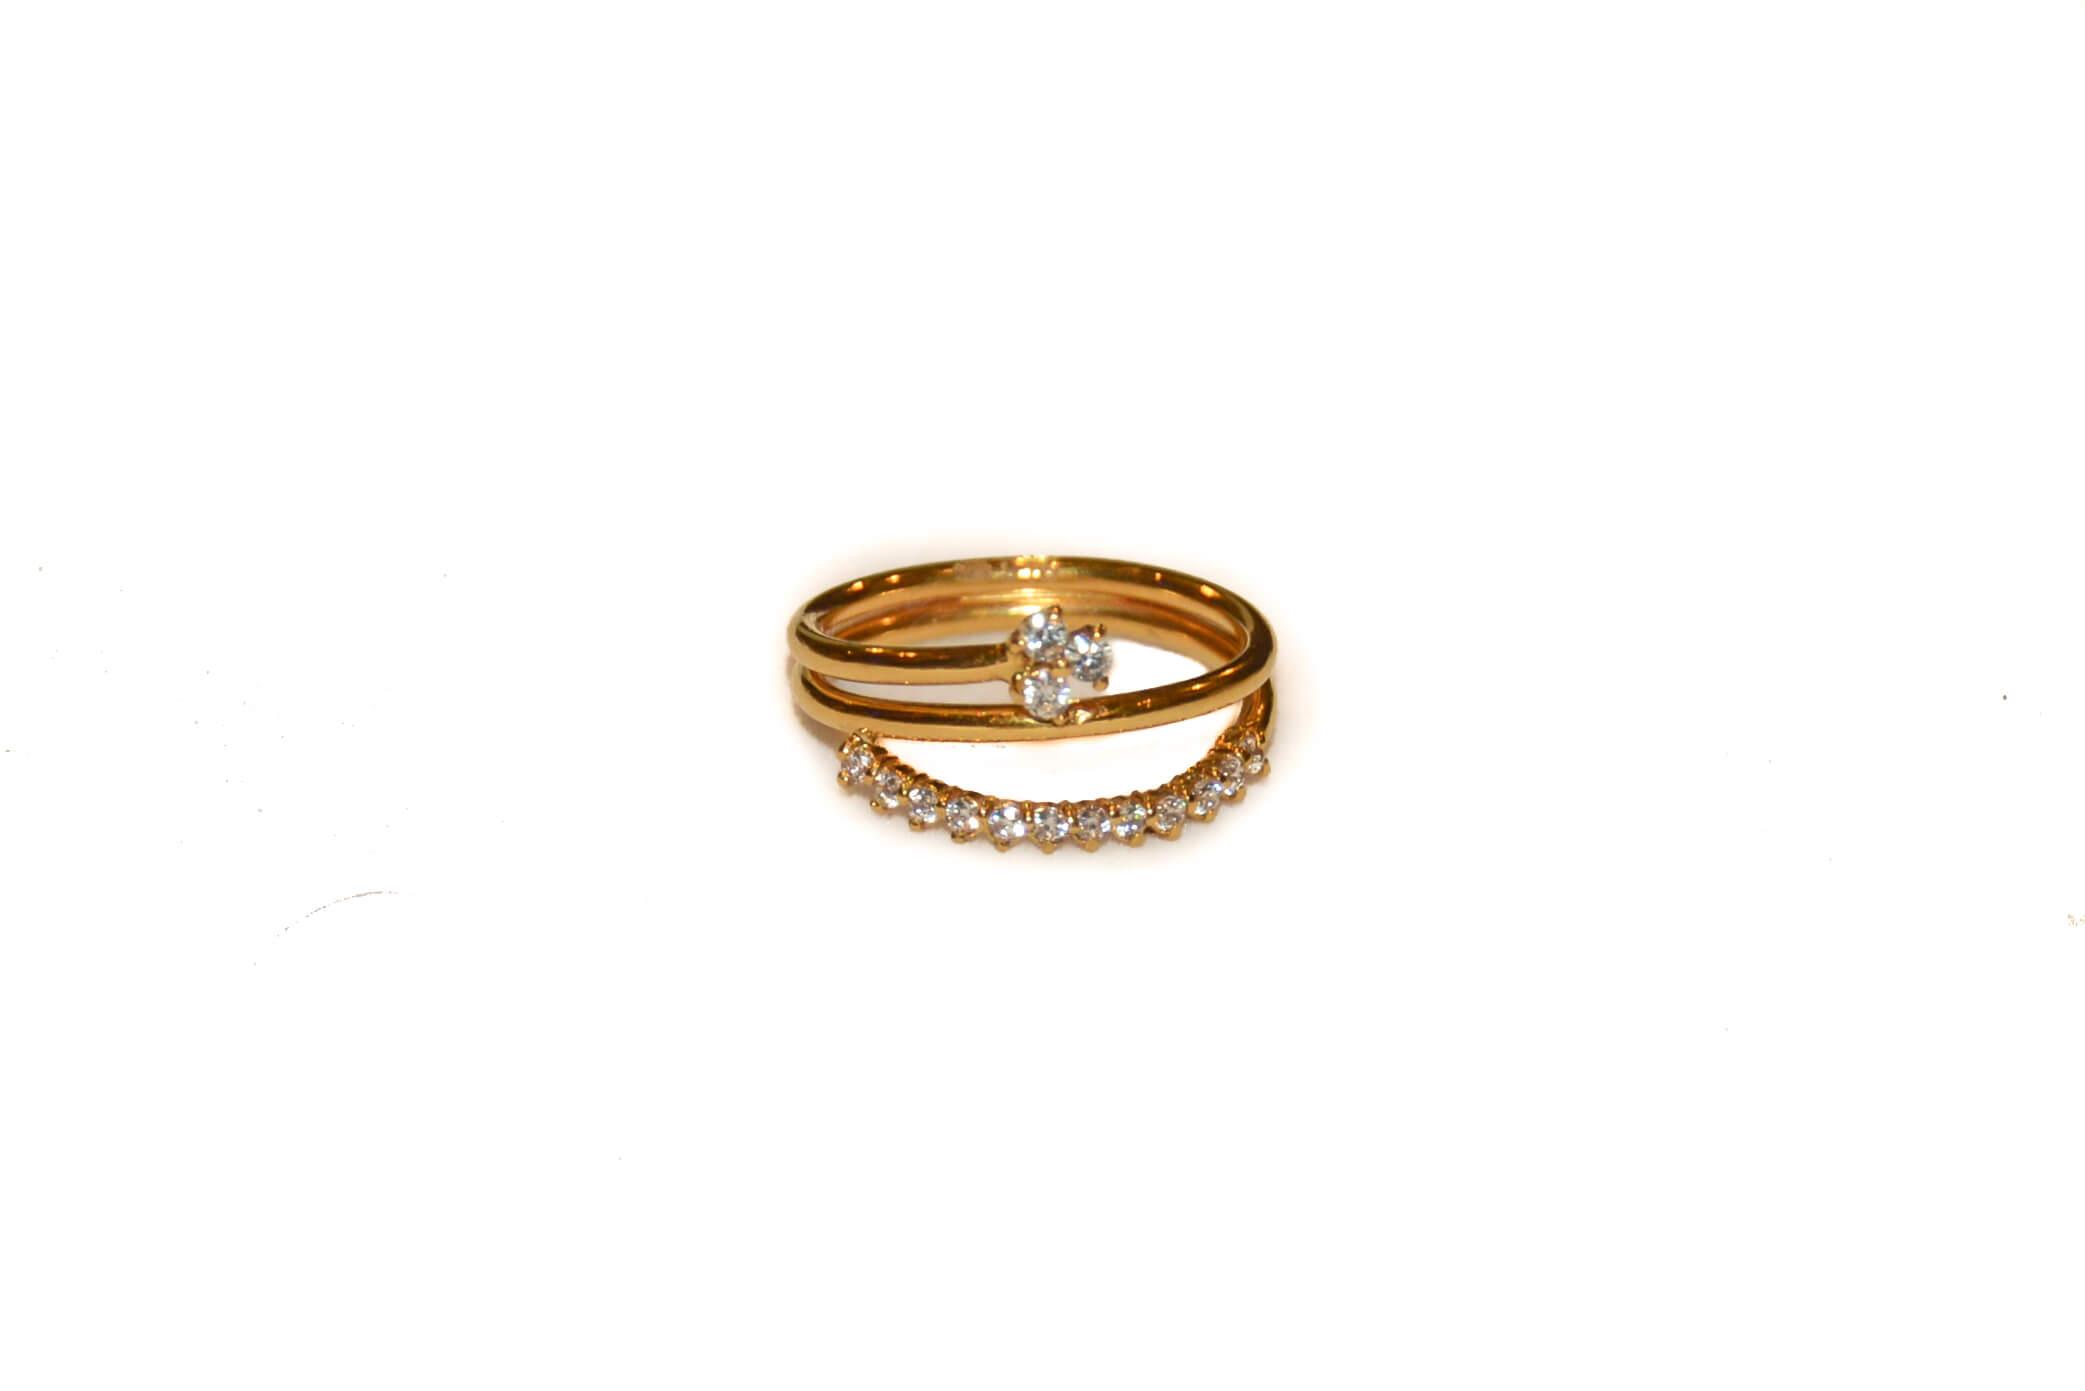 ladiesrings - ladies-ring-001.jpg